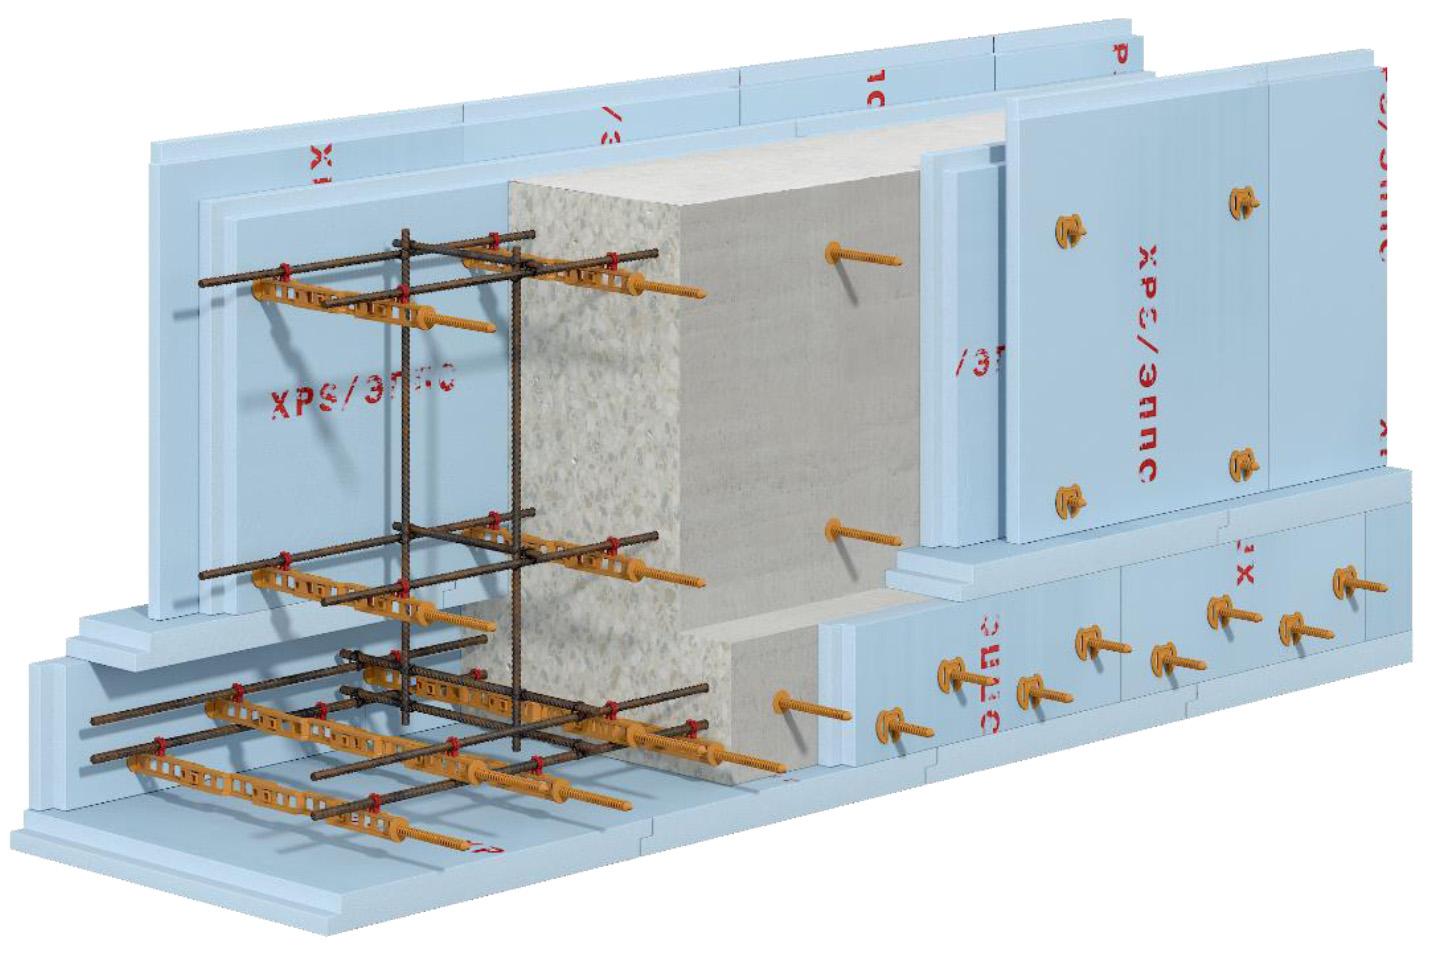 применение несъемной стяжки свт-2 для ленточного фундамента